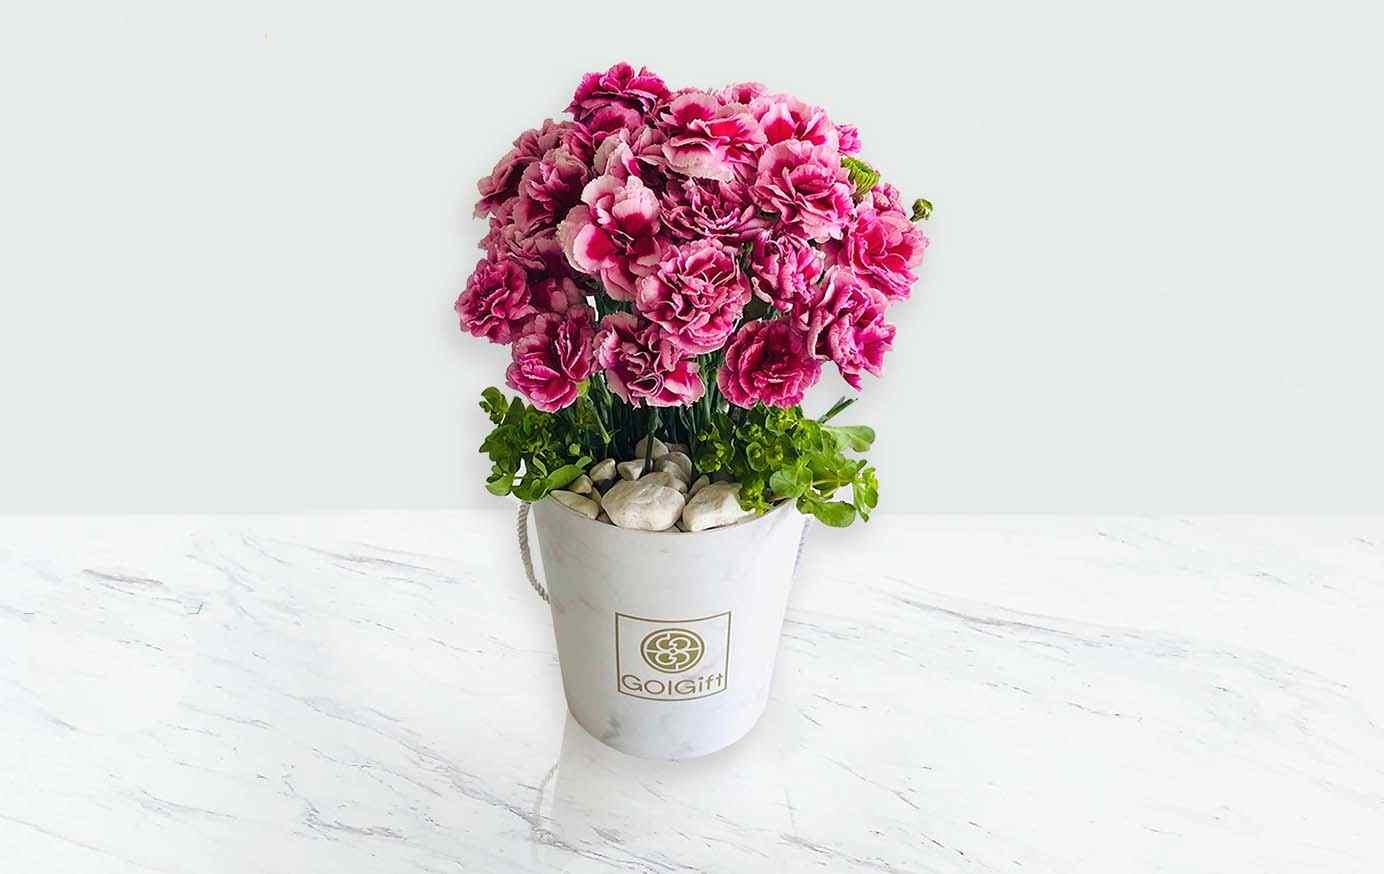 خرید اینترنتی گل و گیاه